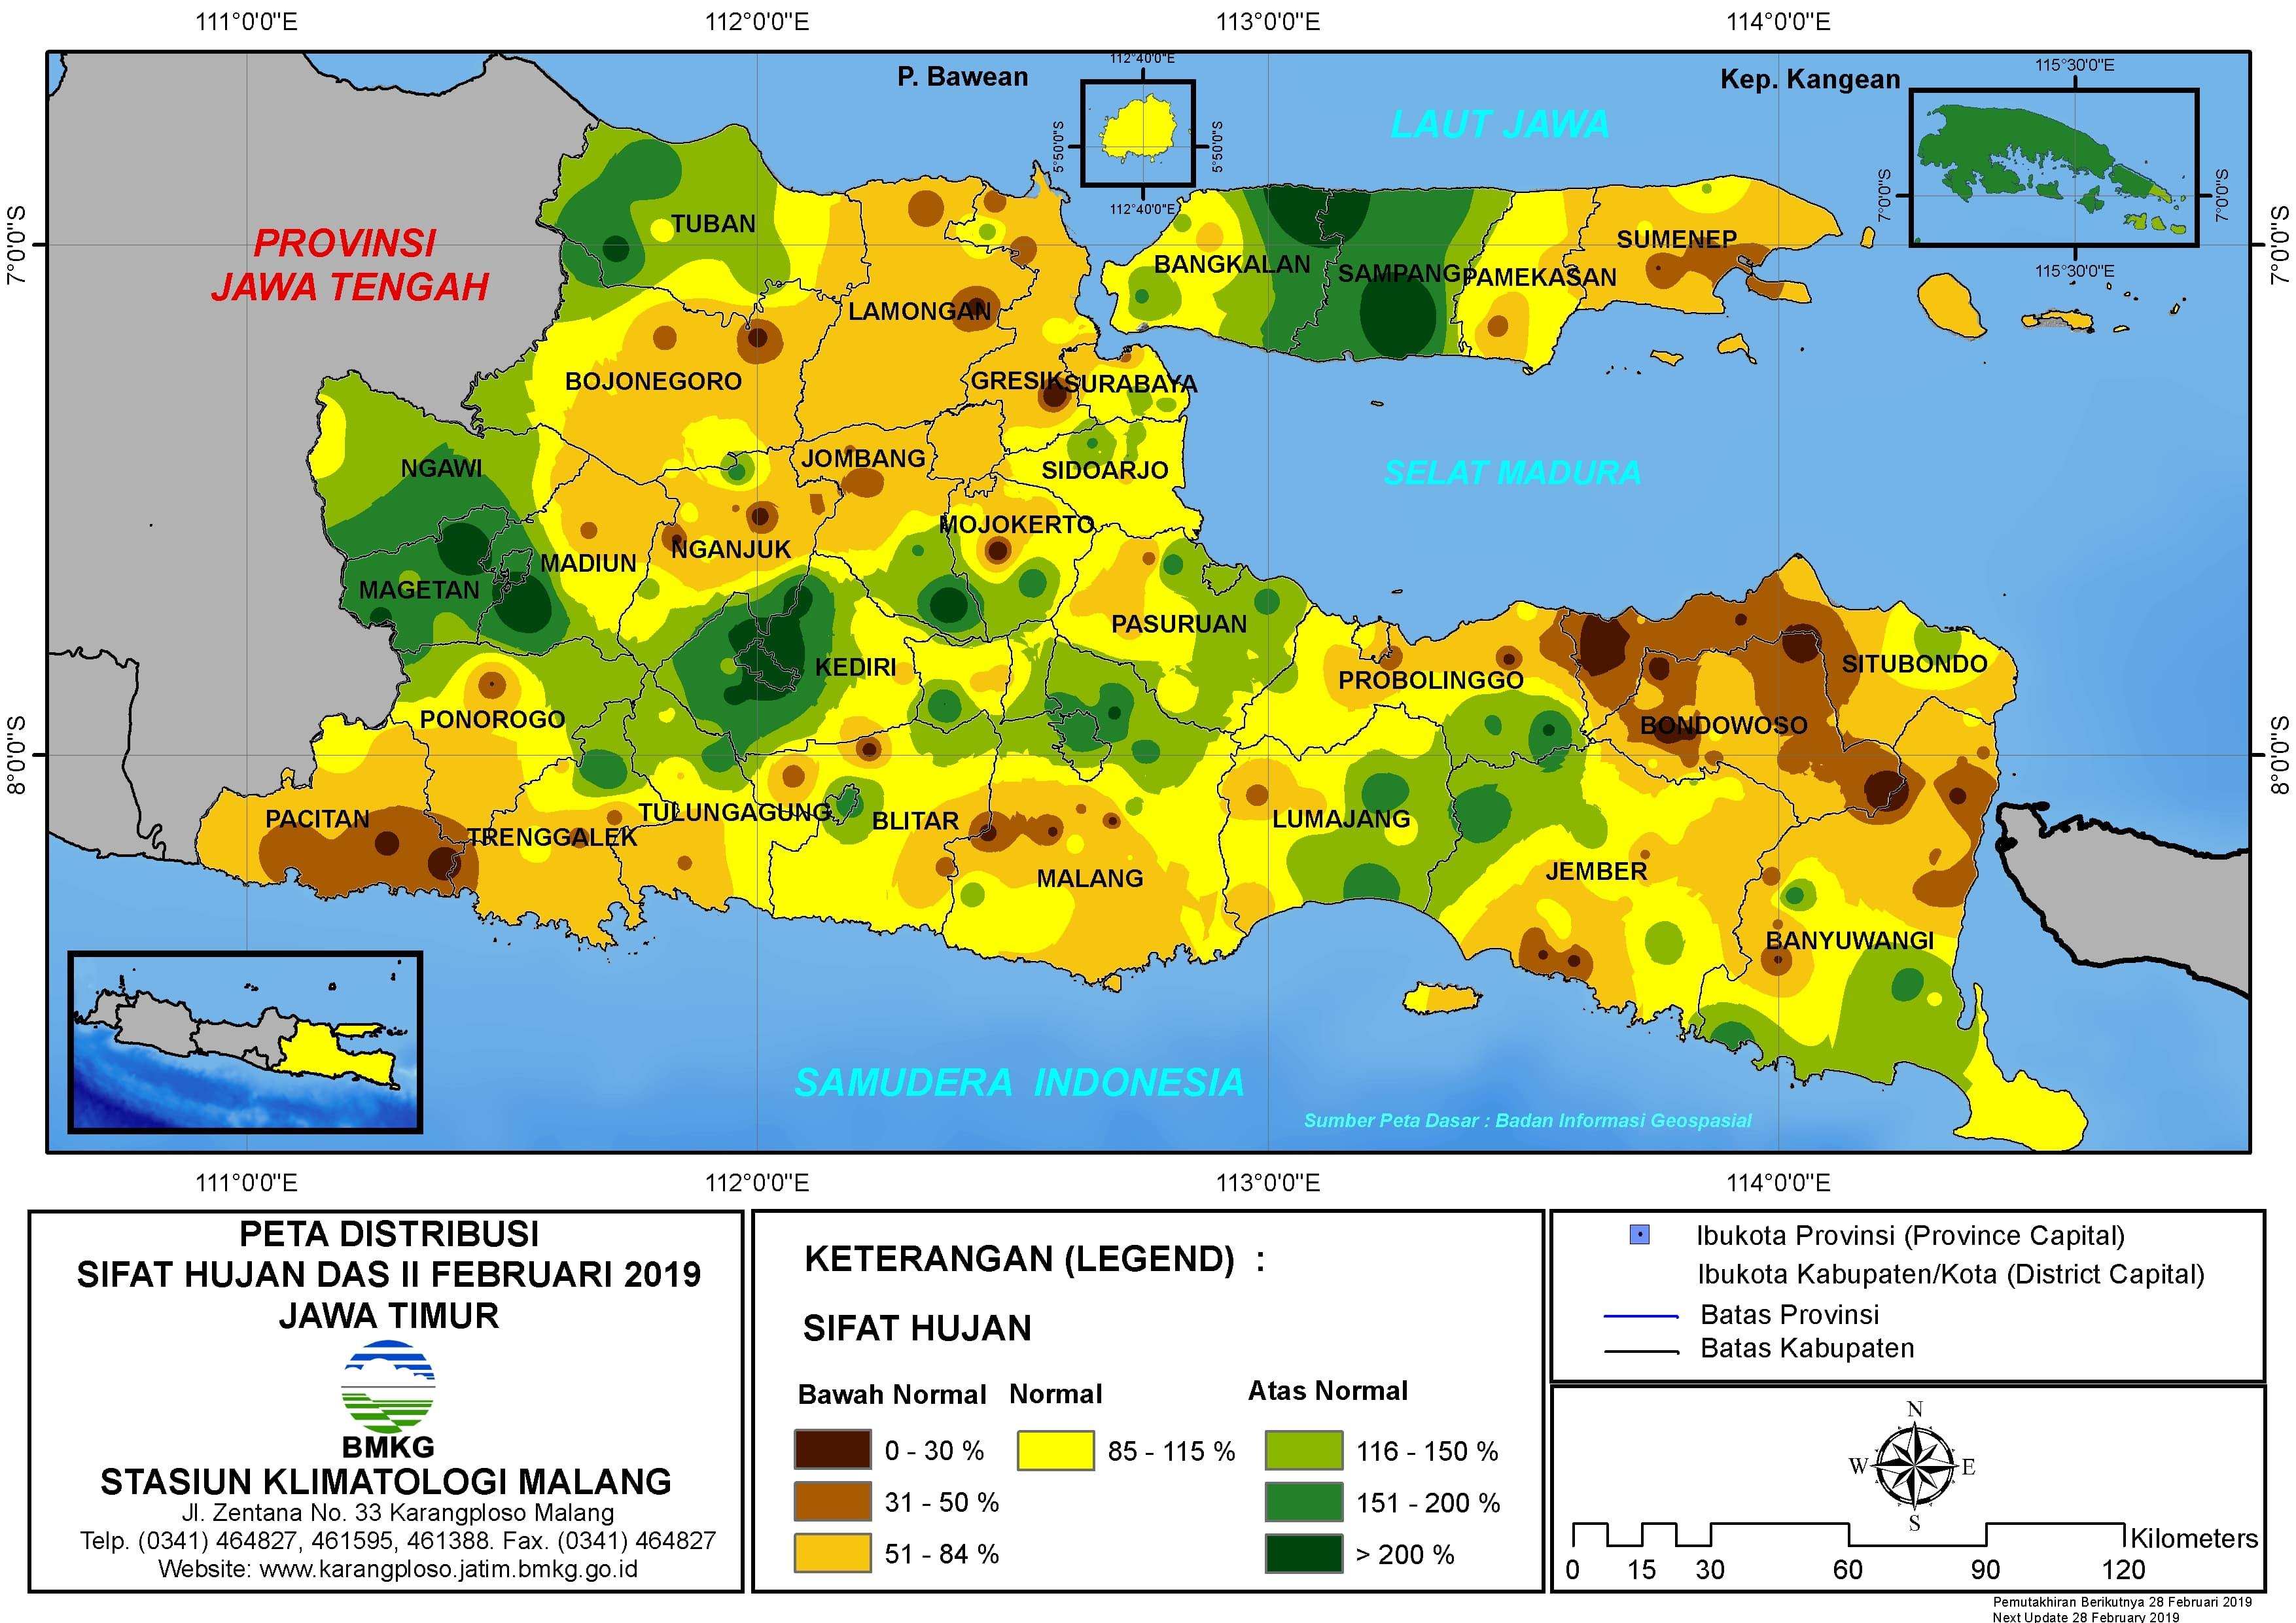 Peta Analisis Distribusi Sifat Hujan Dasarian II Februari 2019 di Provinsi Jawa Timur